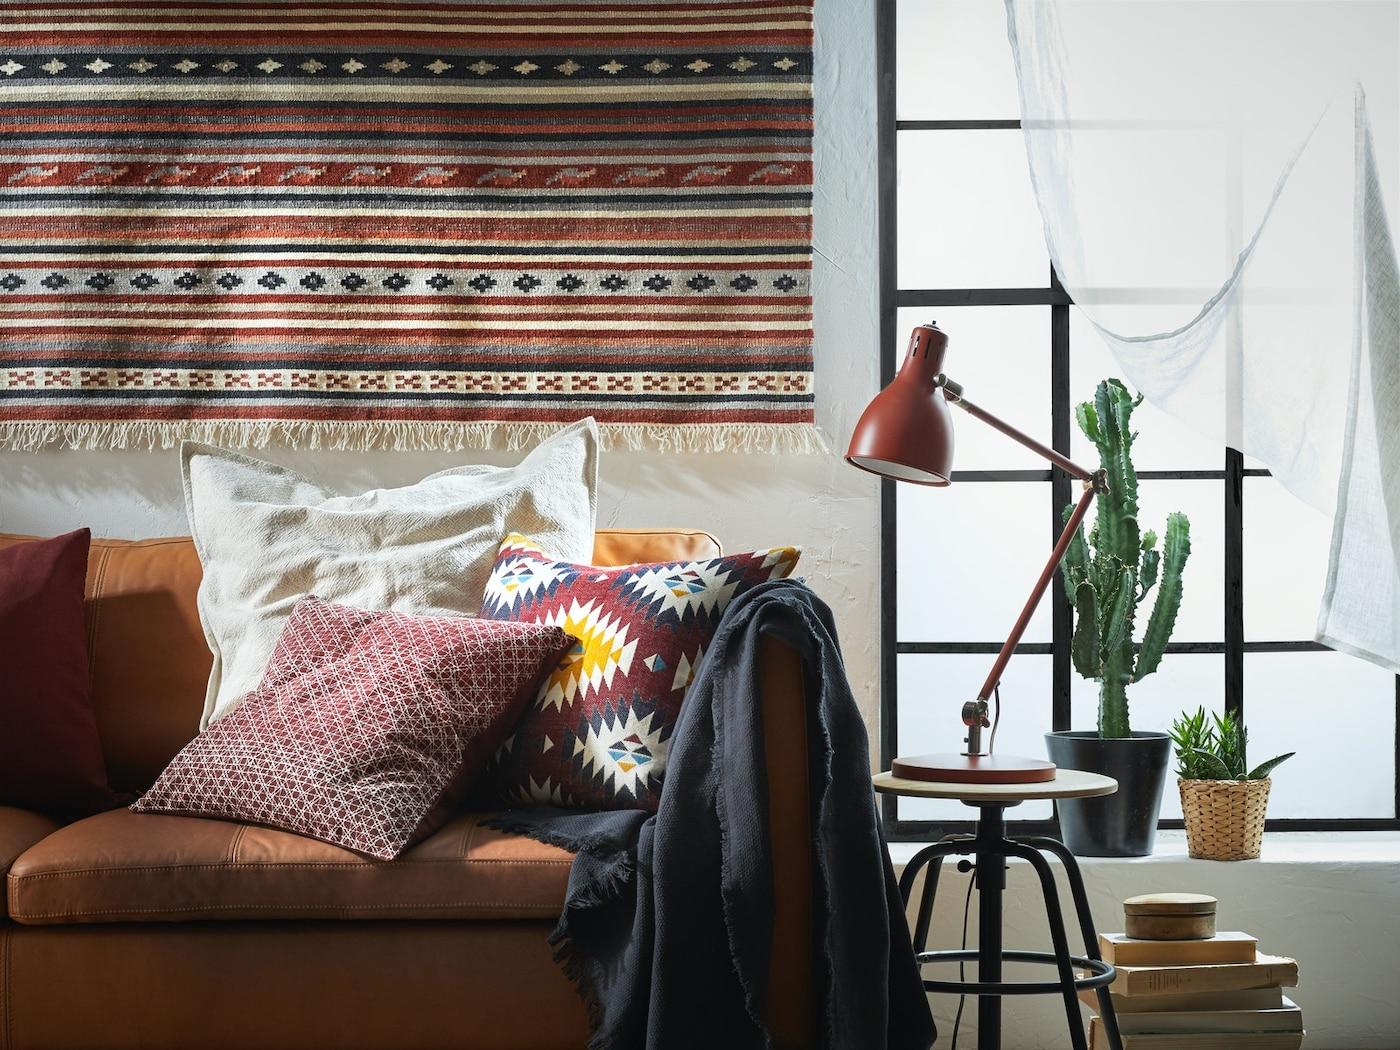 Ein Wohnzimmer eingerichtet im Boho chic Stil mit einem Perserteppich an der Wand, einem einladenden Sofa mir vielen Kissen und Decken.